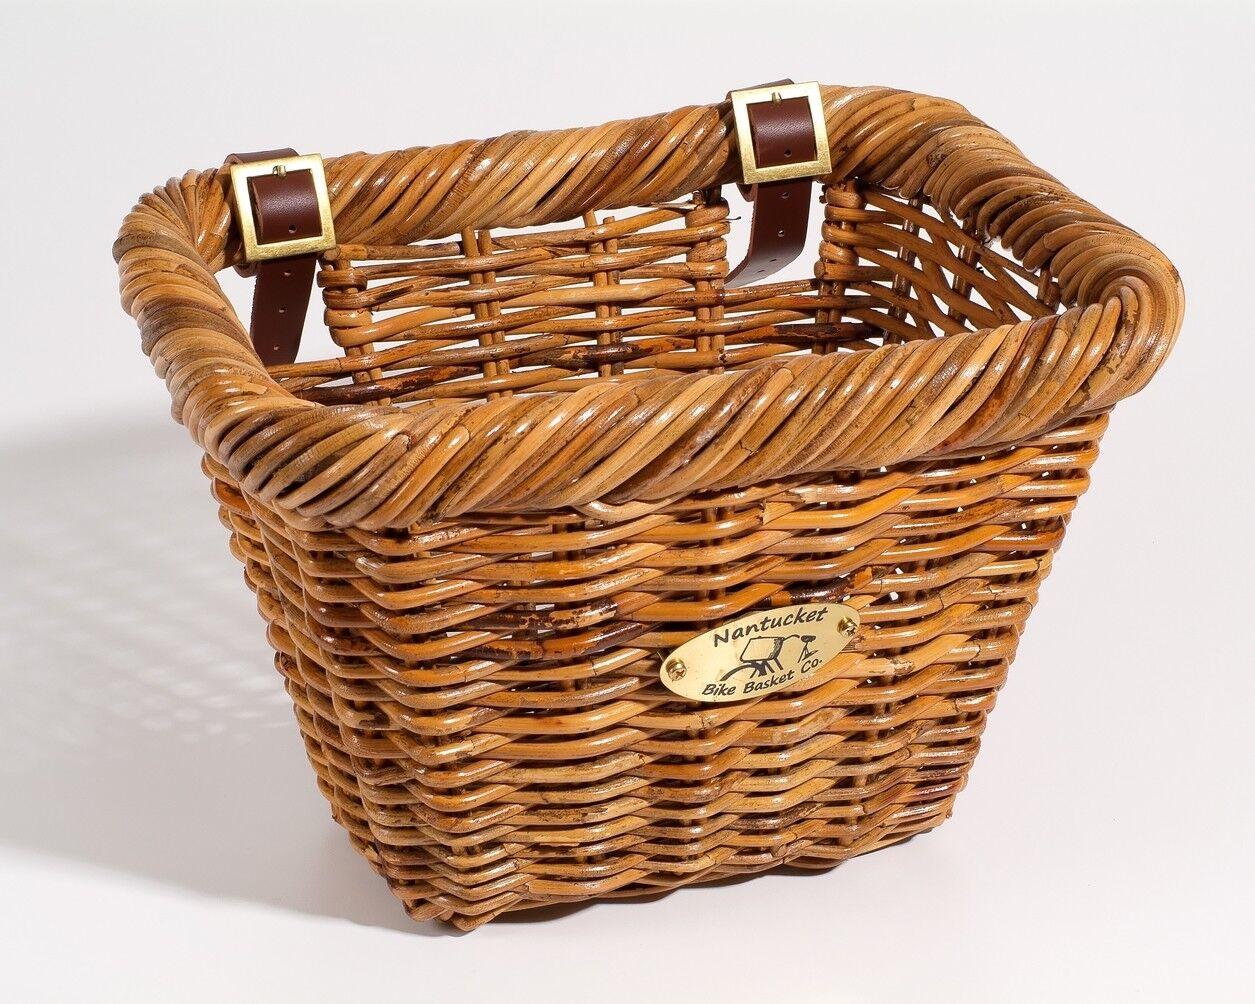 Nantucket Bike Basket Rectángulo de Cisco (Rattan, correas de cuero, adulto)